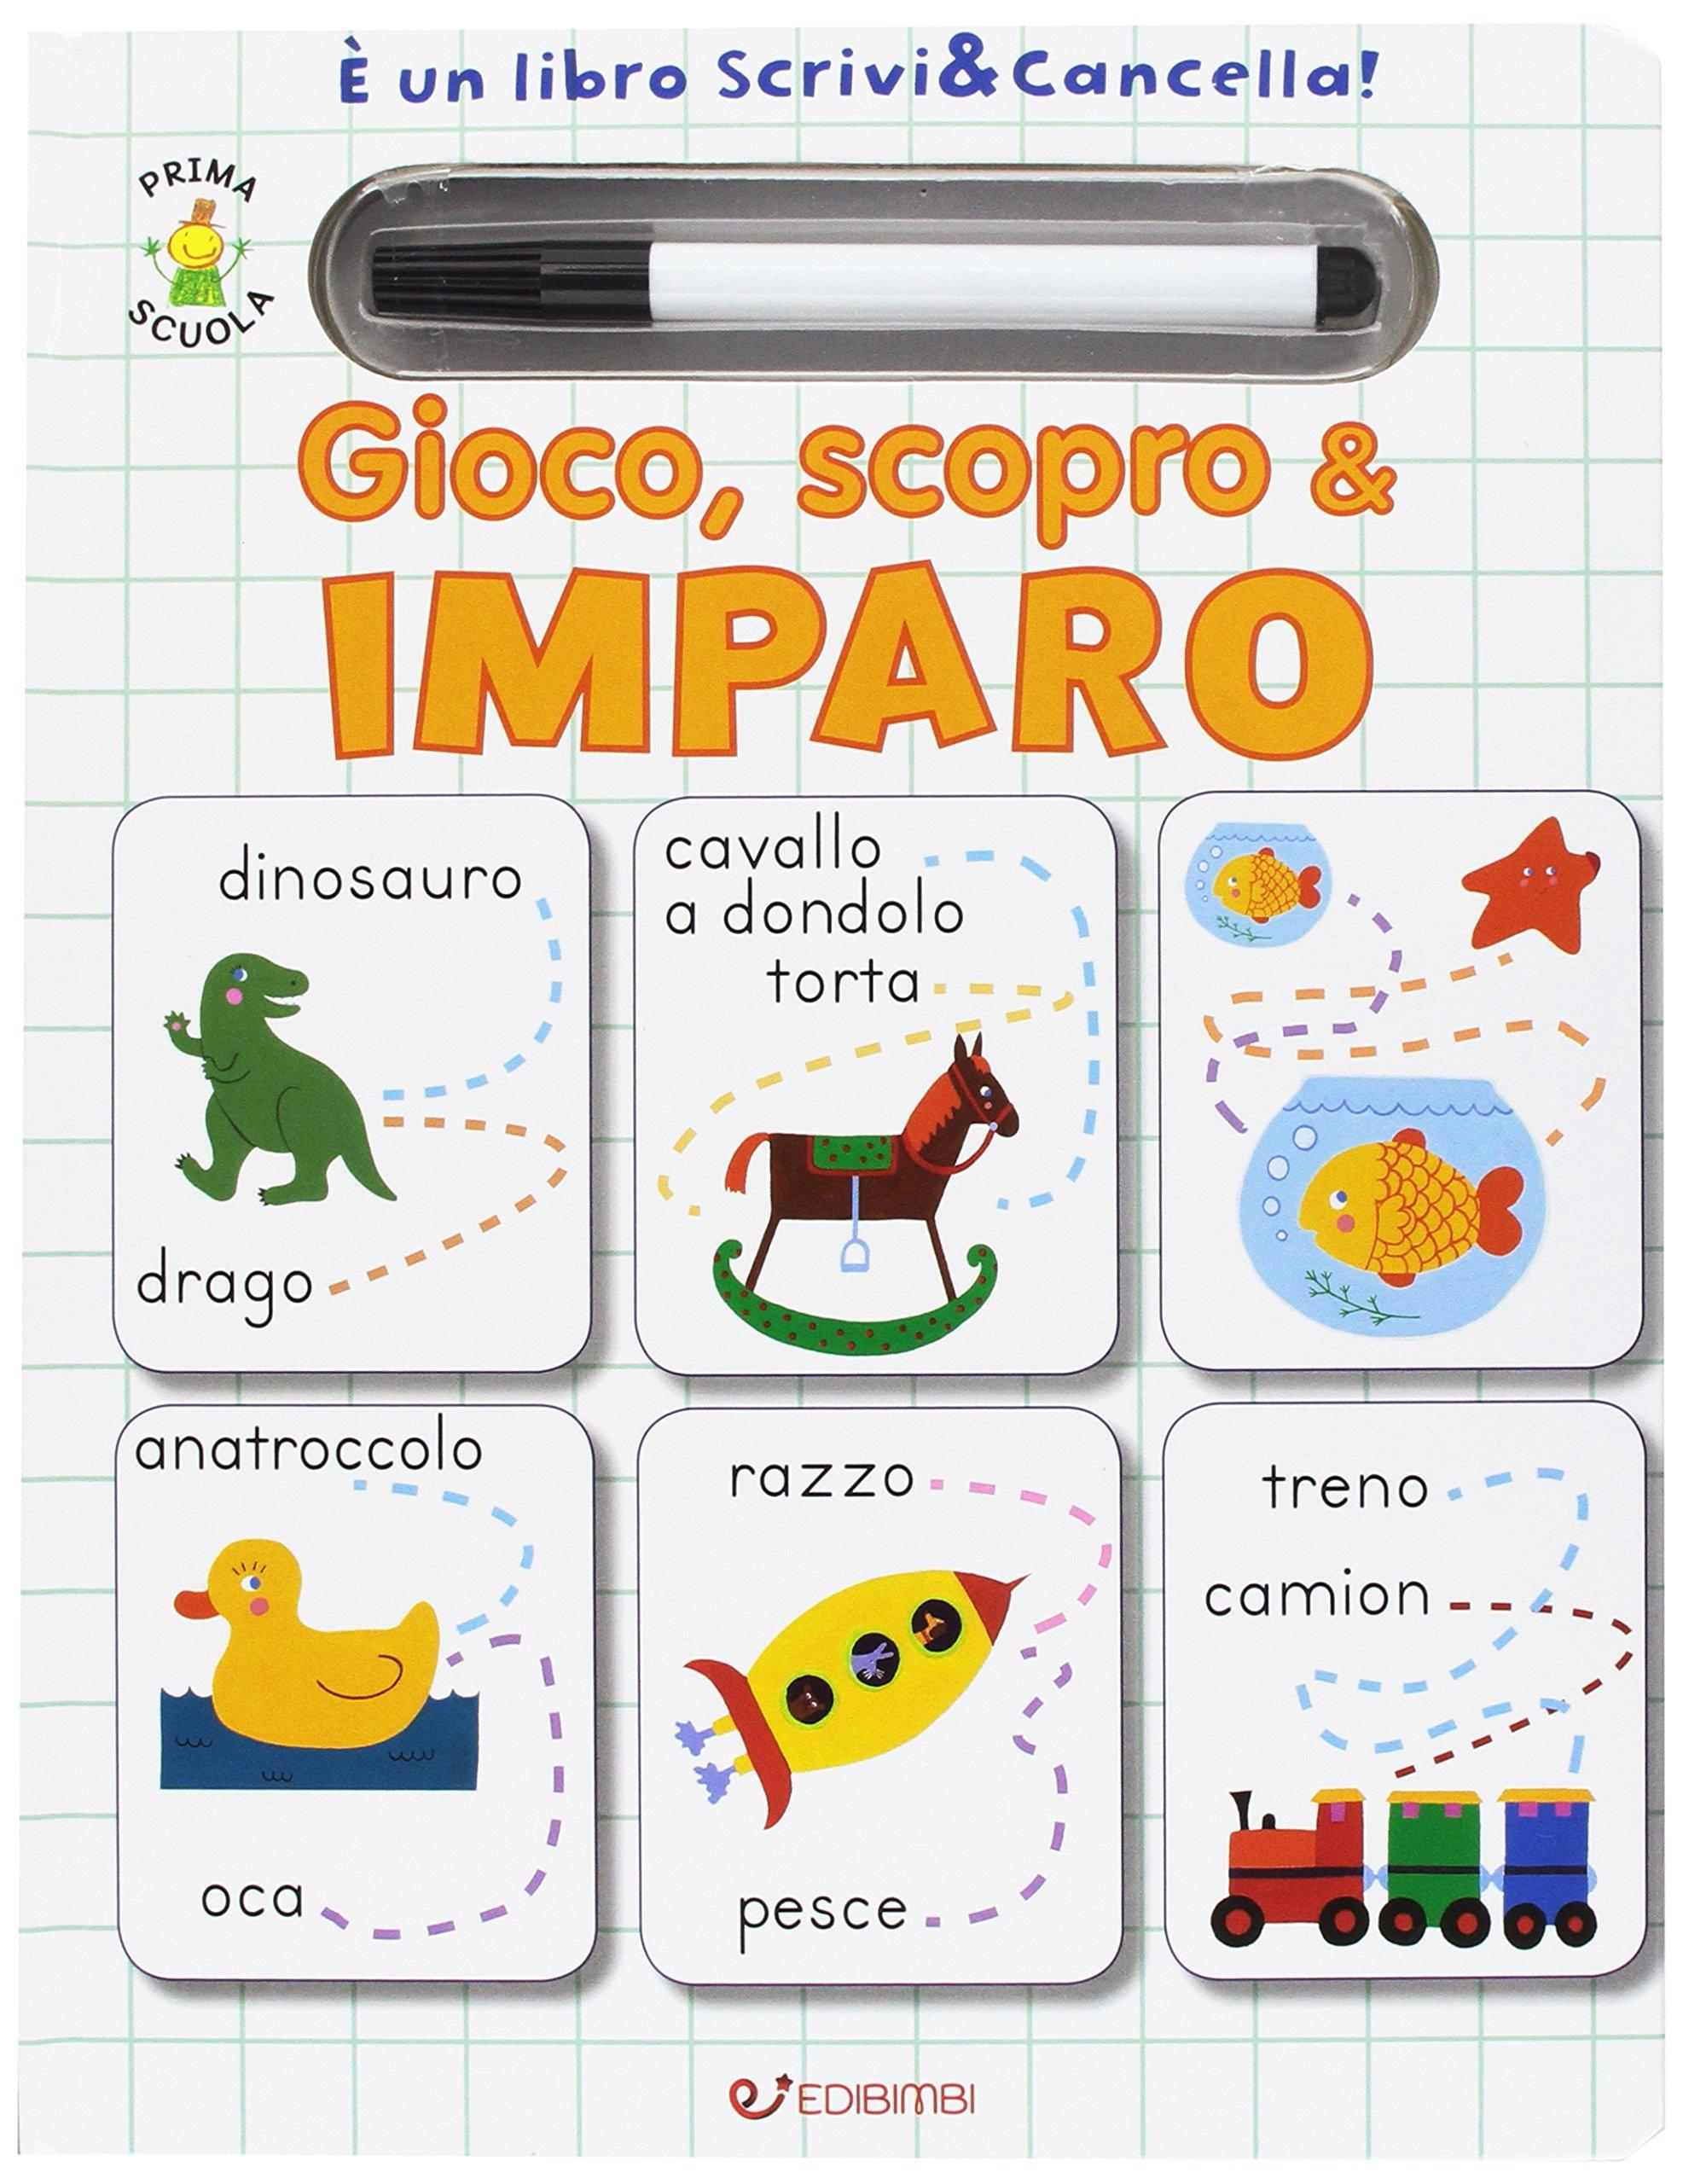 Gioco, scopro & imparo. Prima scuola. Libri didattici. Ediz. illustrata. Con gadget